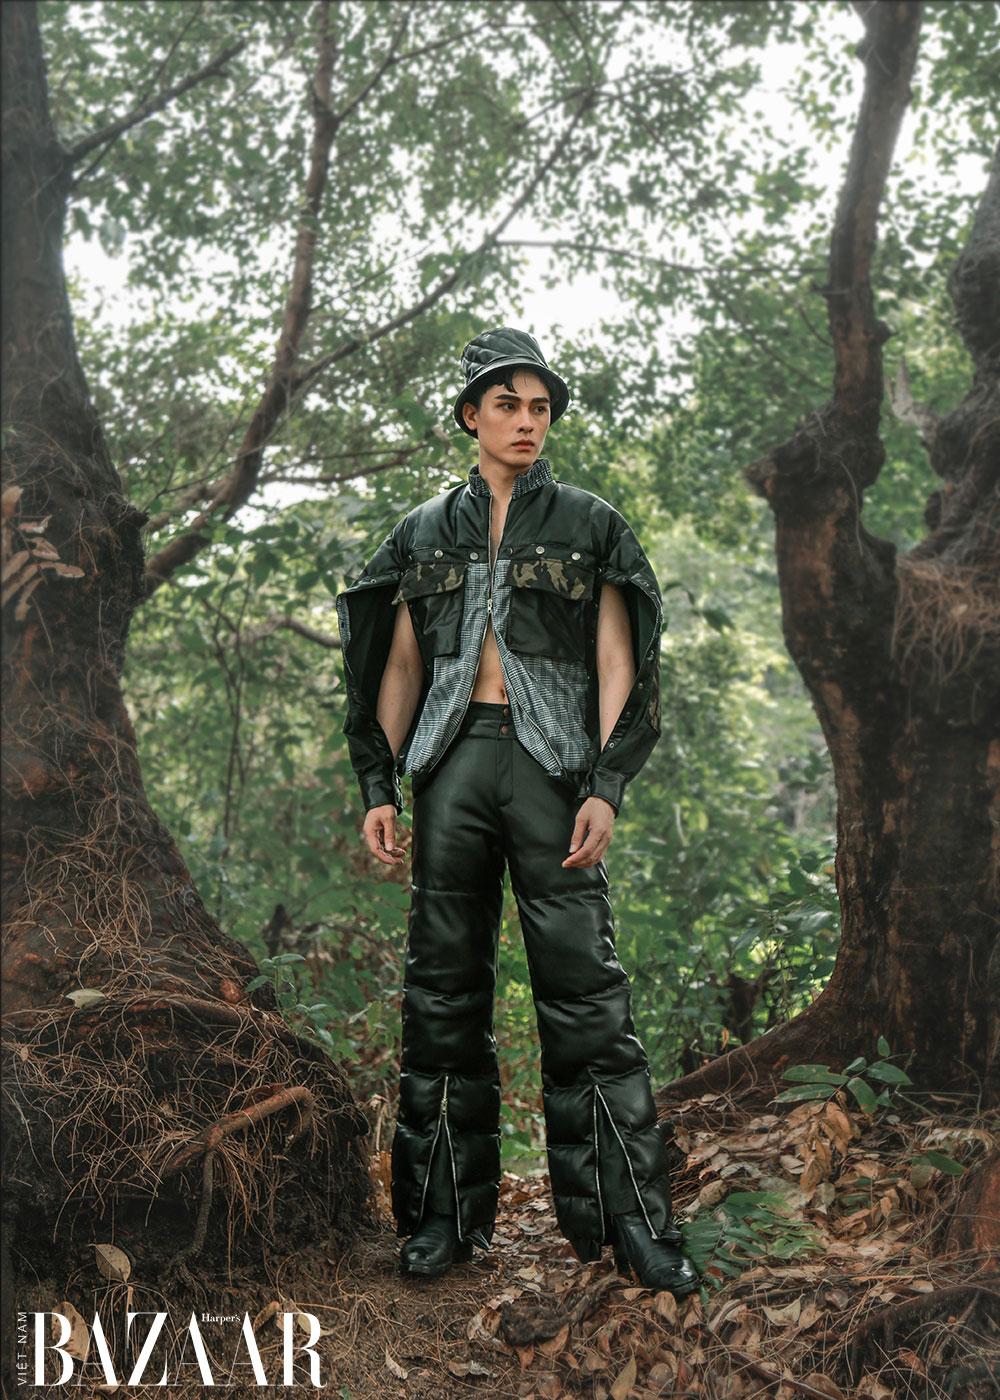 BST thời trang Wish | Nguyễn Thị Thảo Uyên | Đồ án tốt nghiệp DH SPKT